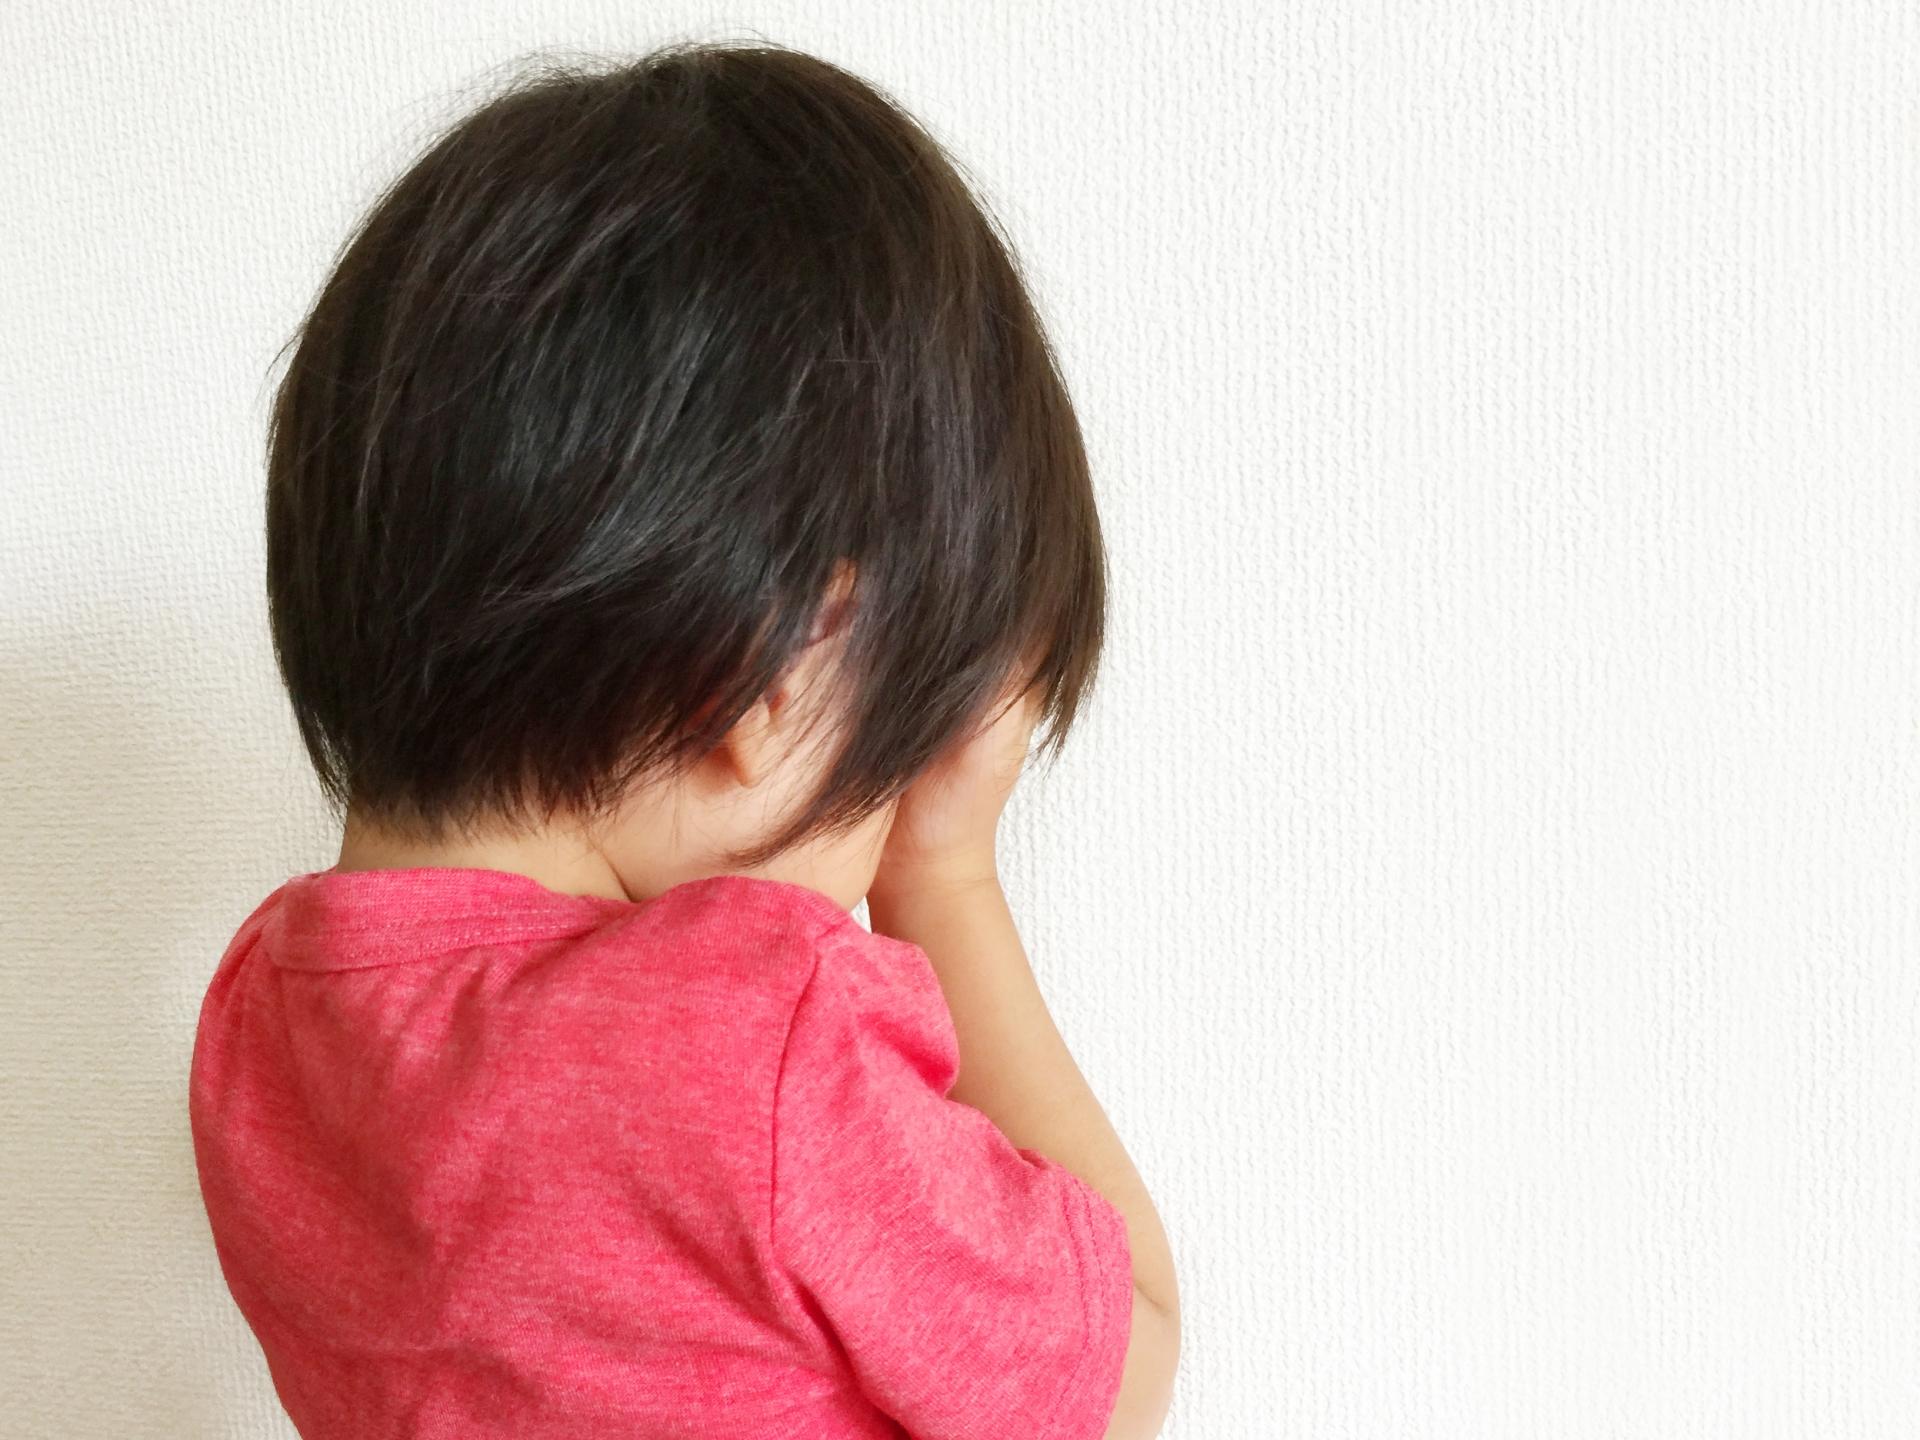 子供が泣いている写真